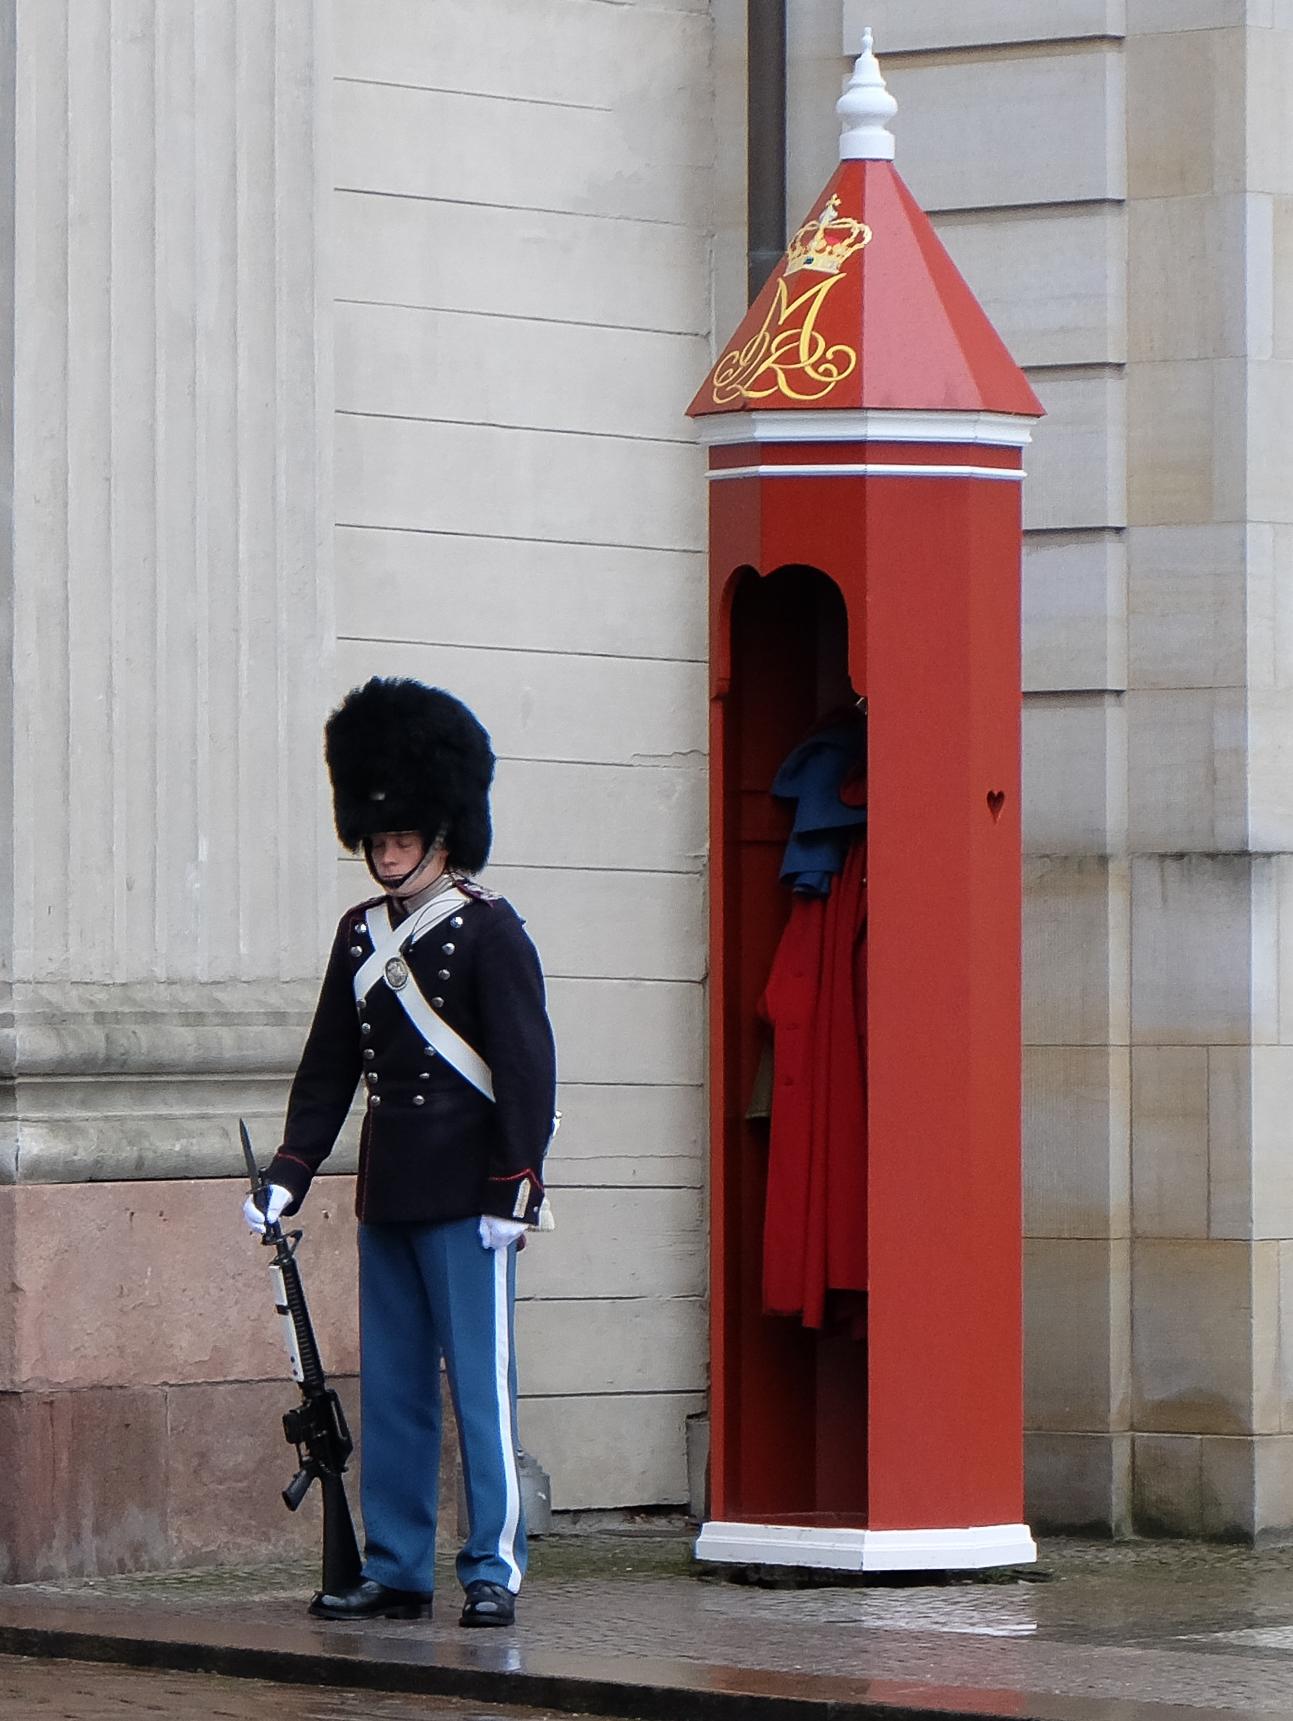 A guard at the Amalianborg Palace